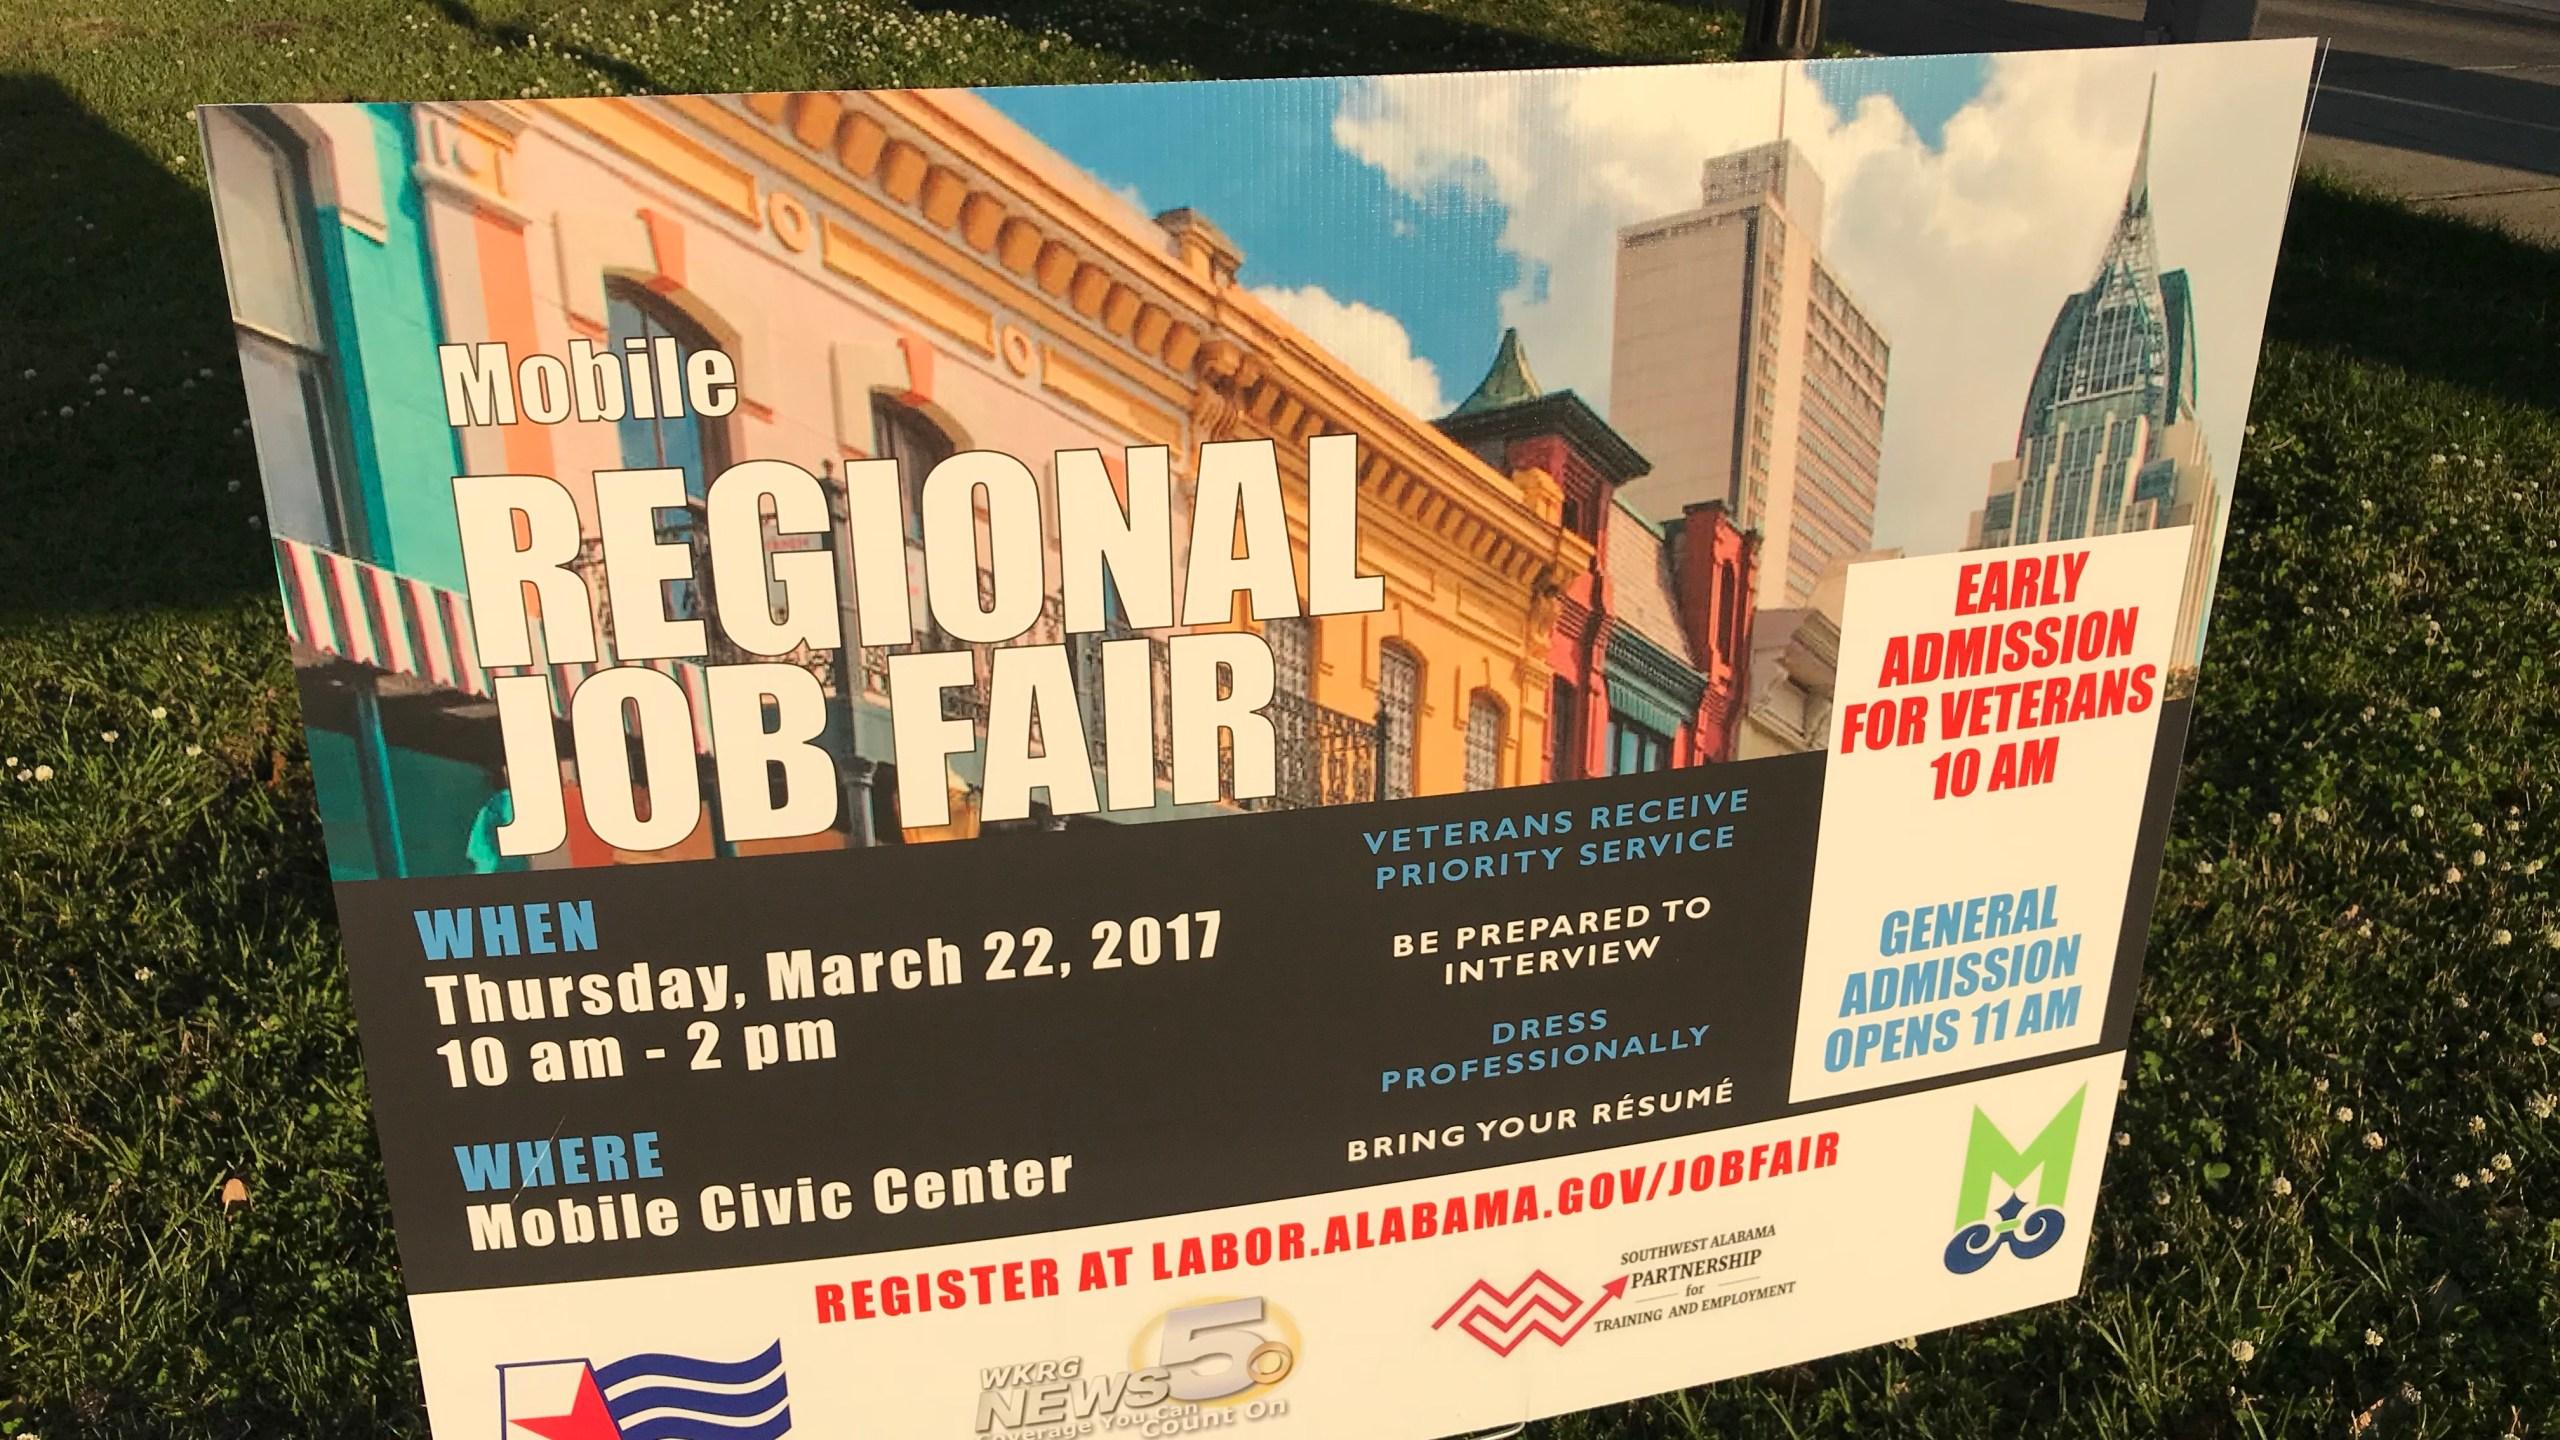 mobile regional job fair_1521722208656.png.jpg